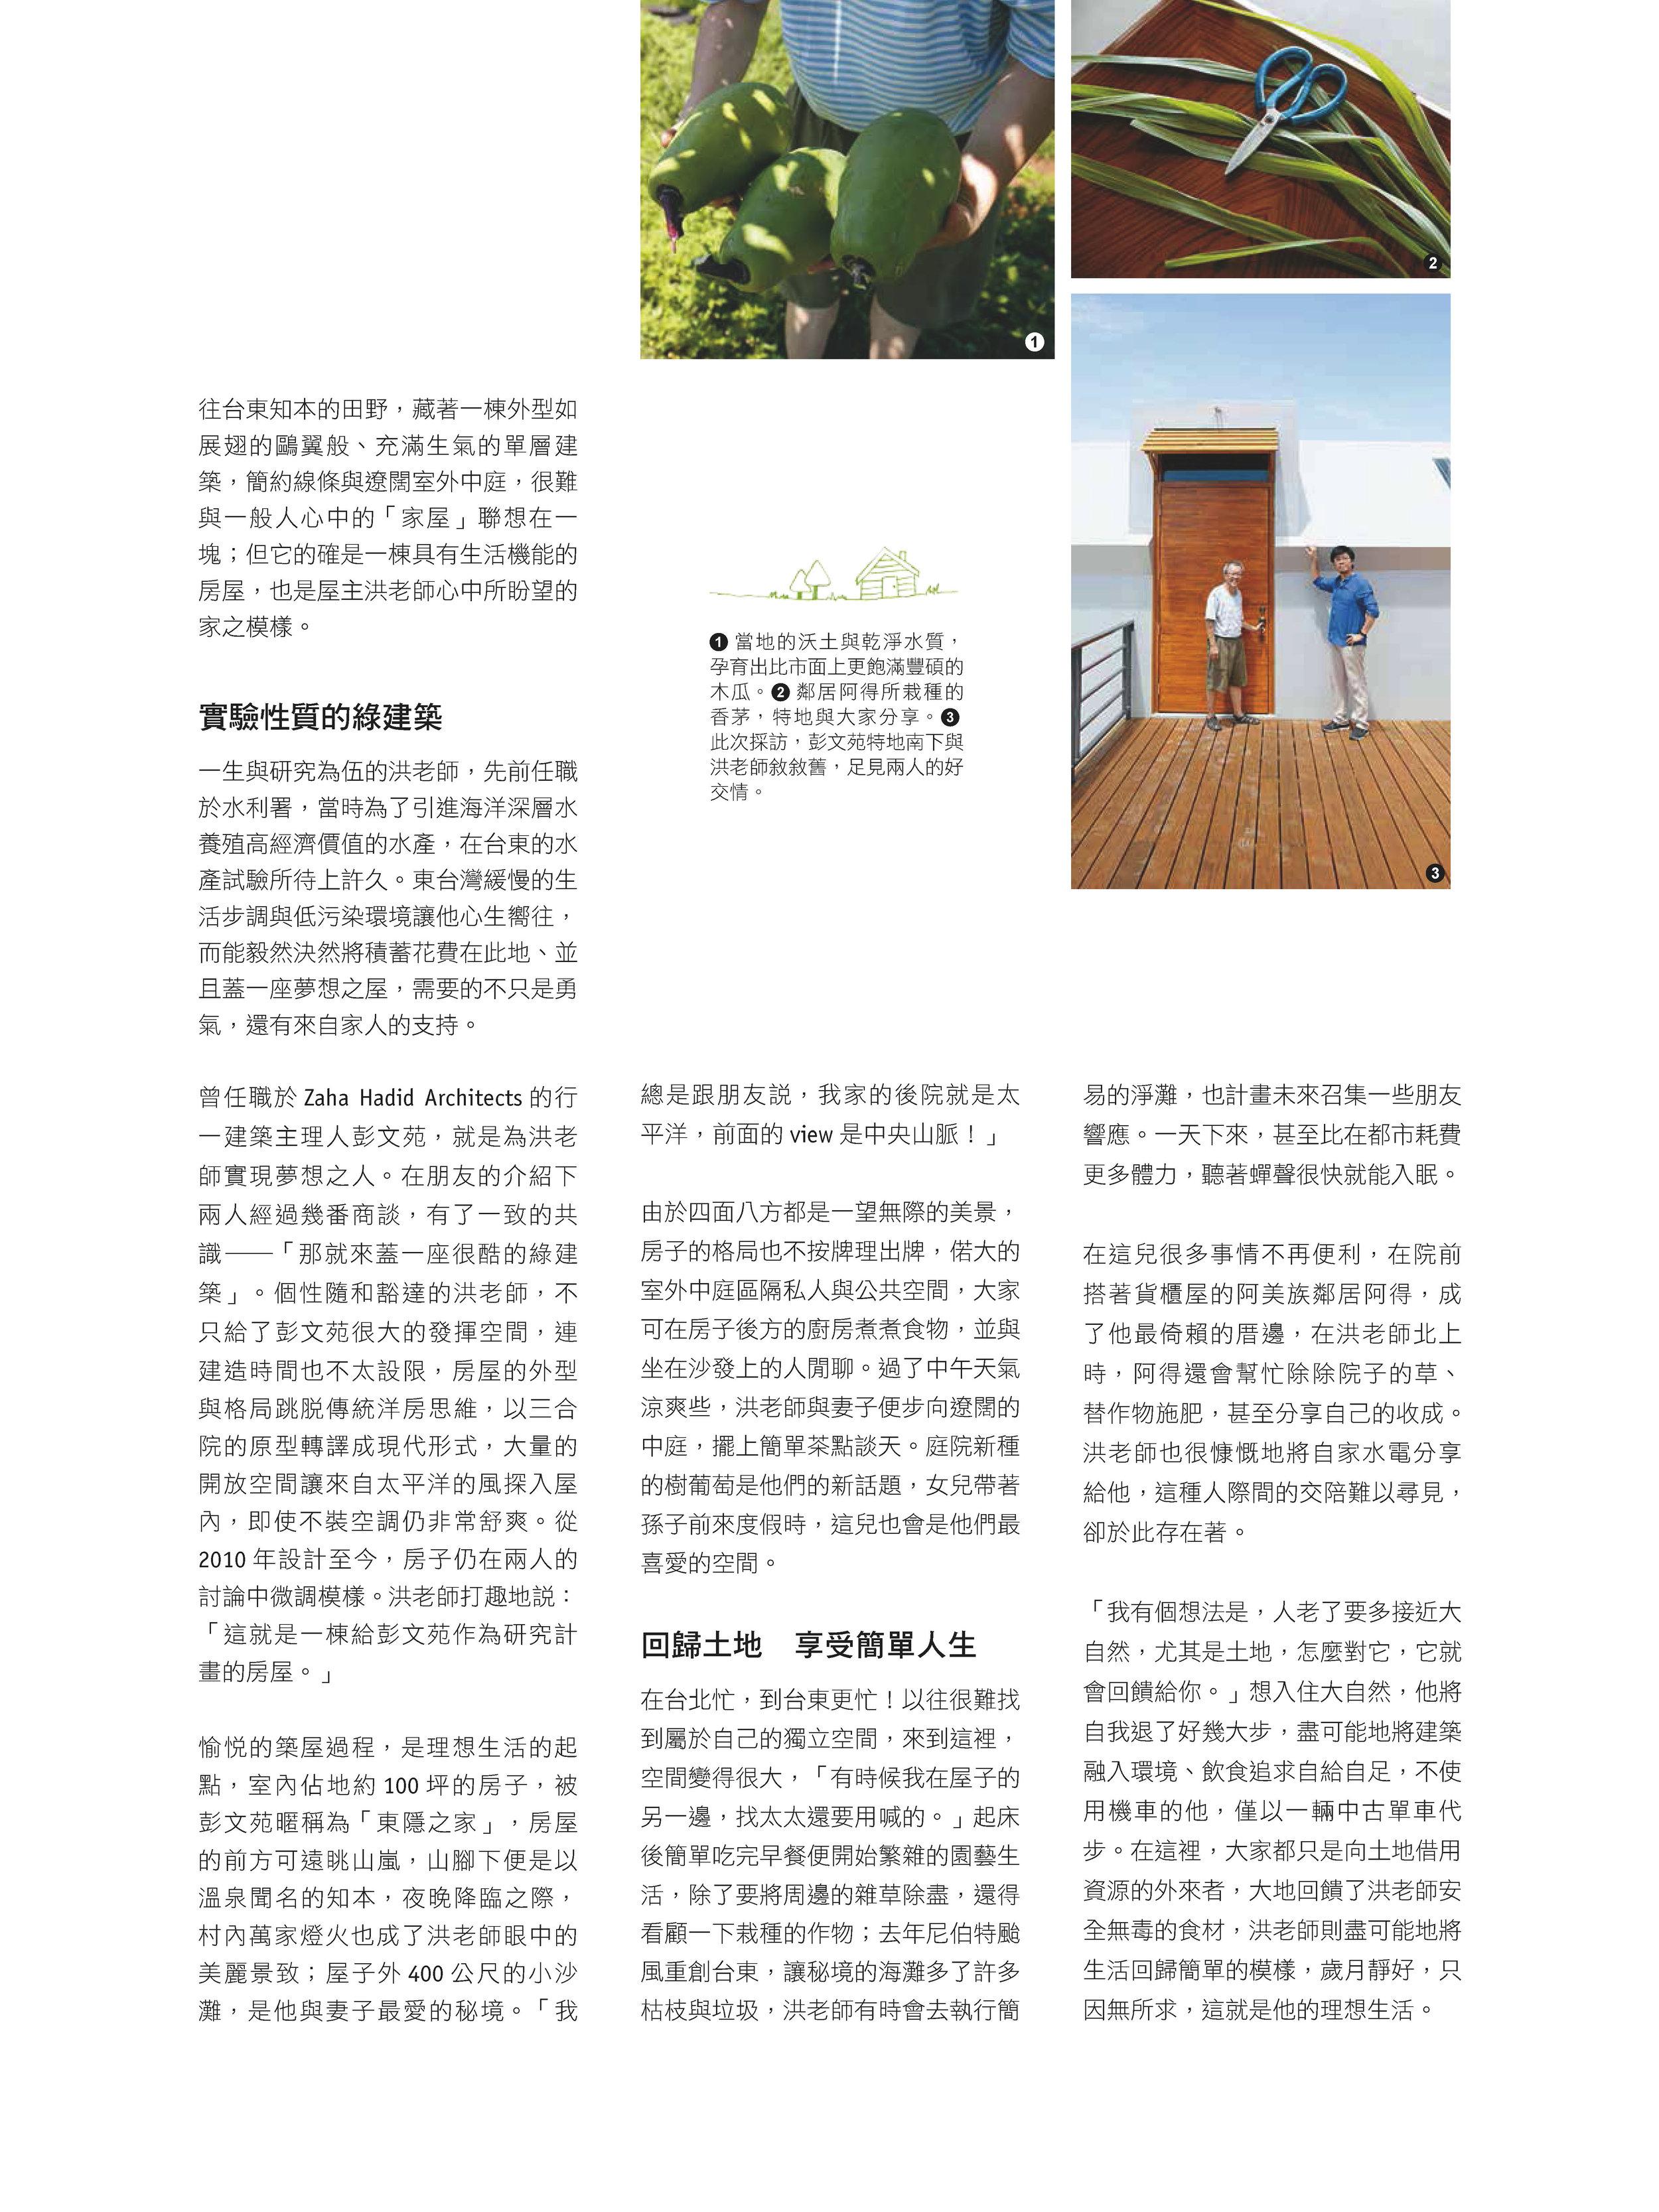 Lavie_162_080-083-COVER STORY_將自己退居在大自然之後 洪老師的東隱之家_頁面_4.jpg